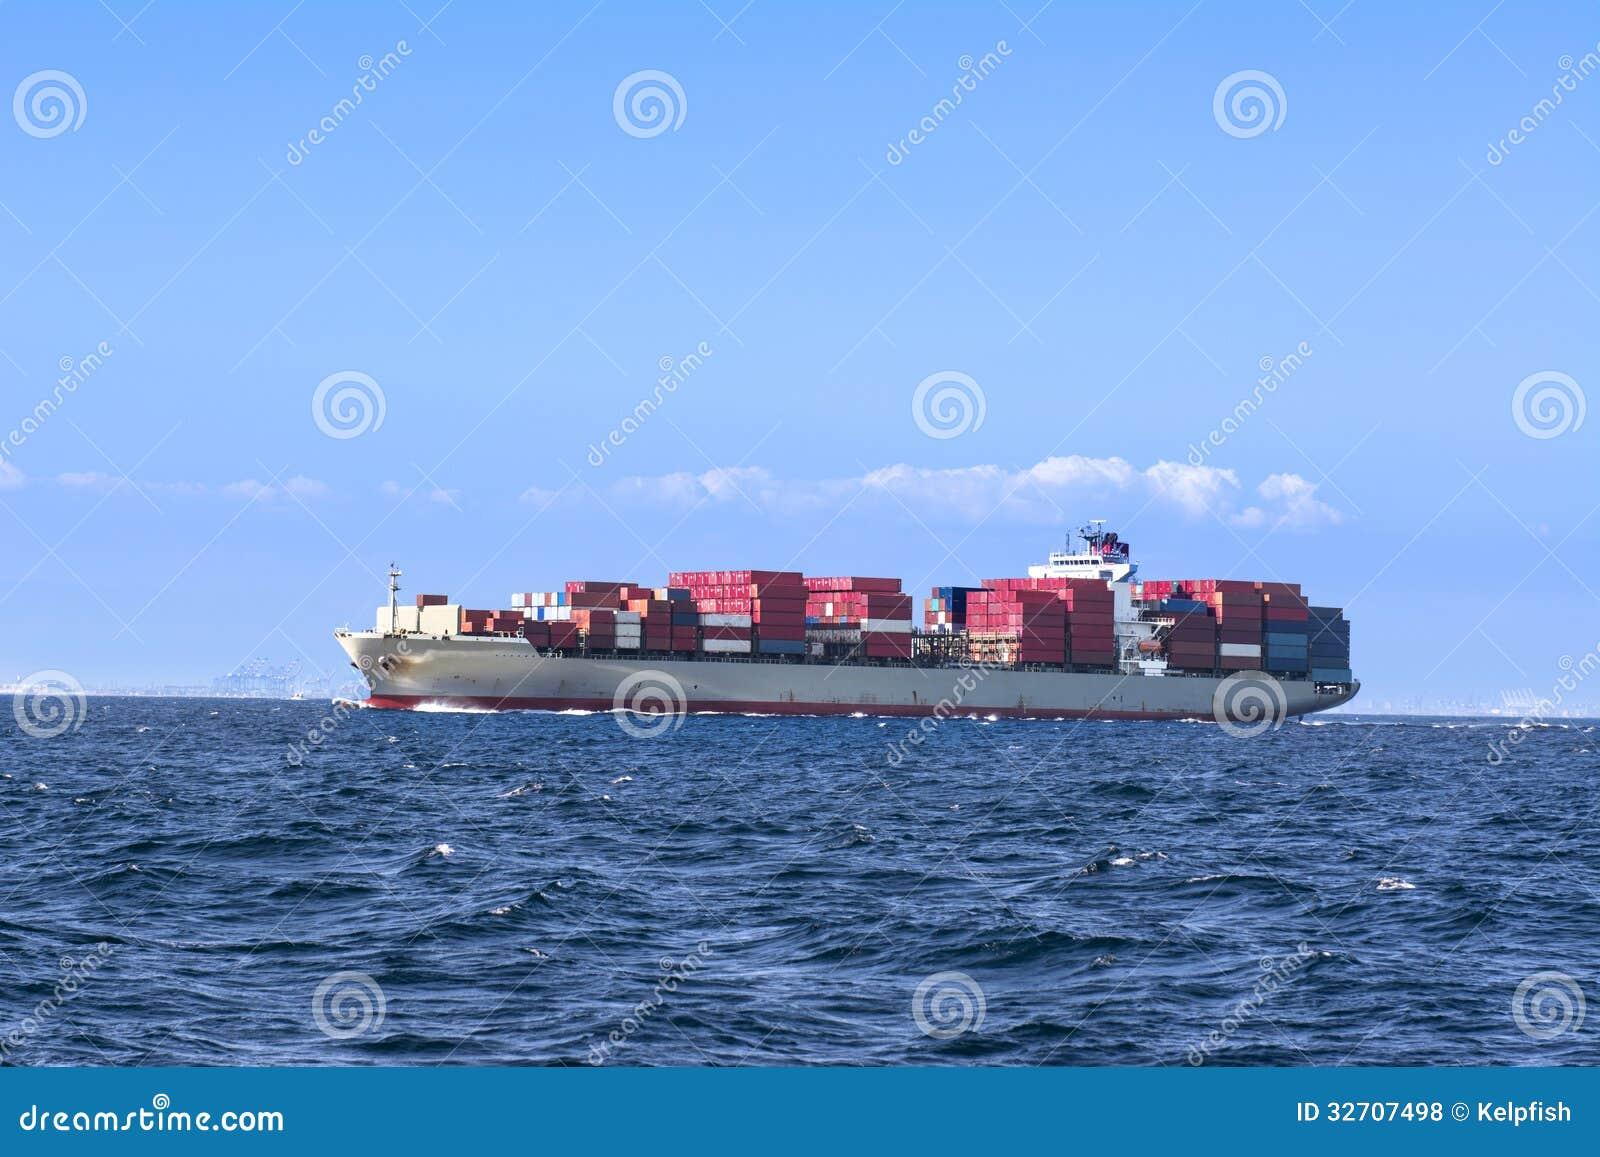 Long Beach Freighter Travel